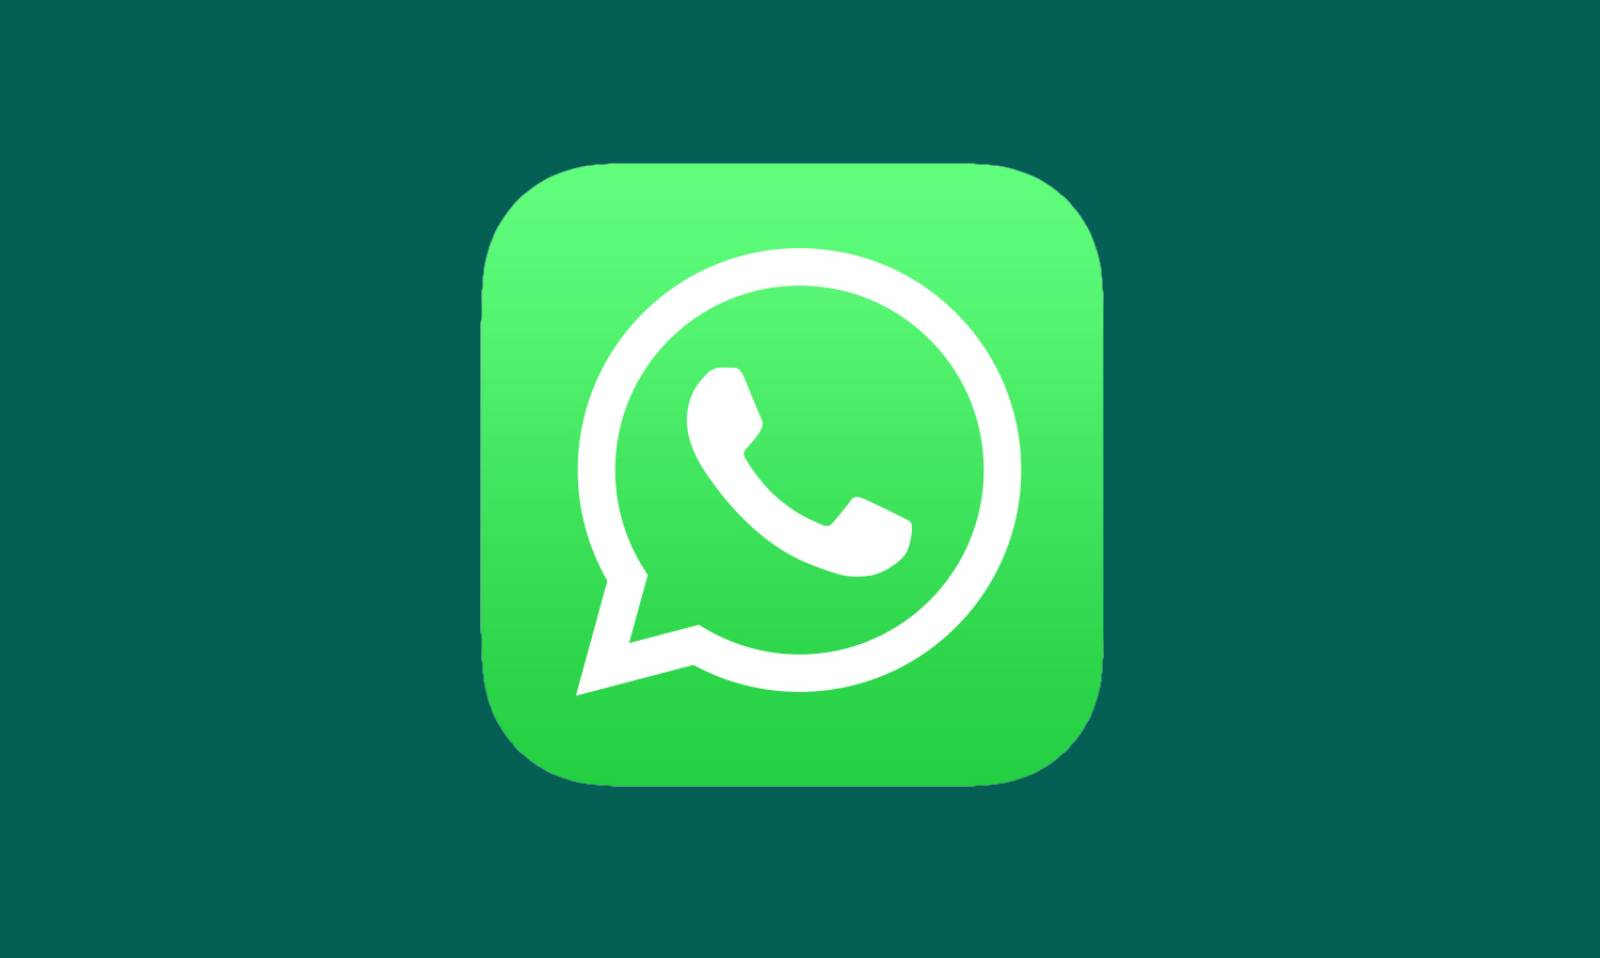 WhatsApp uimit